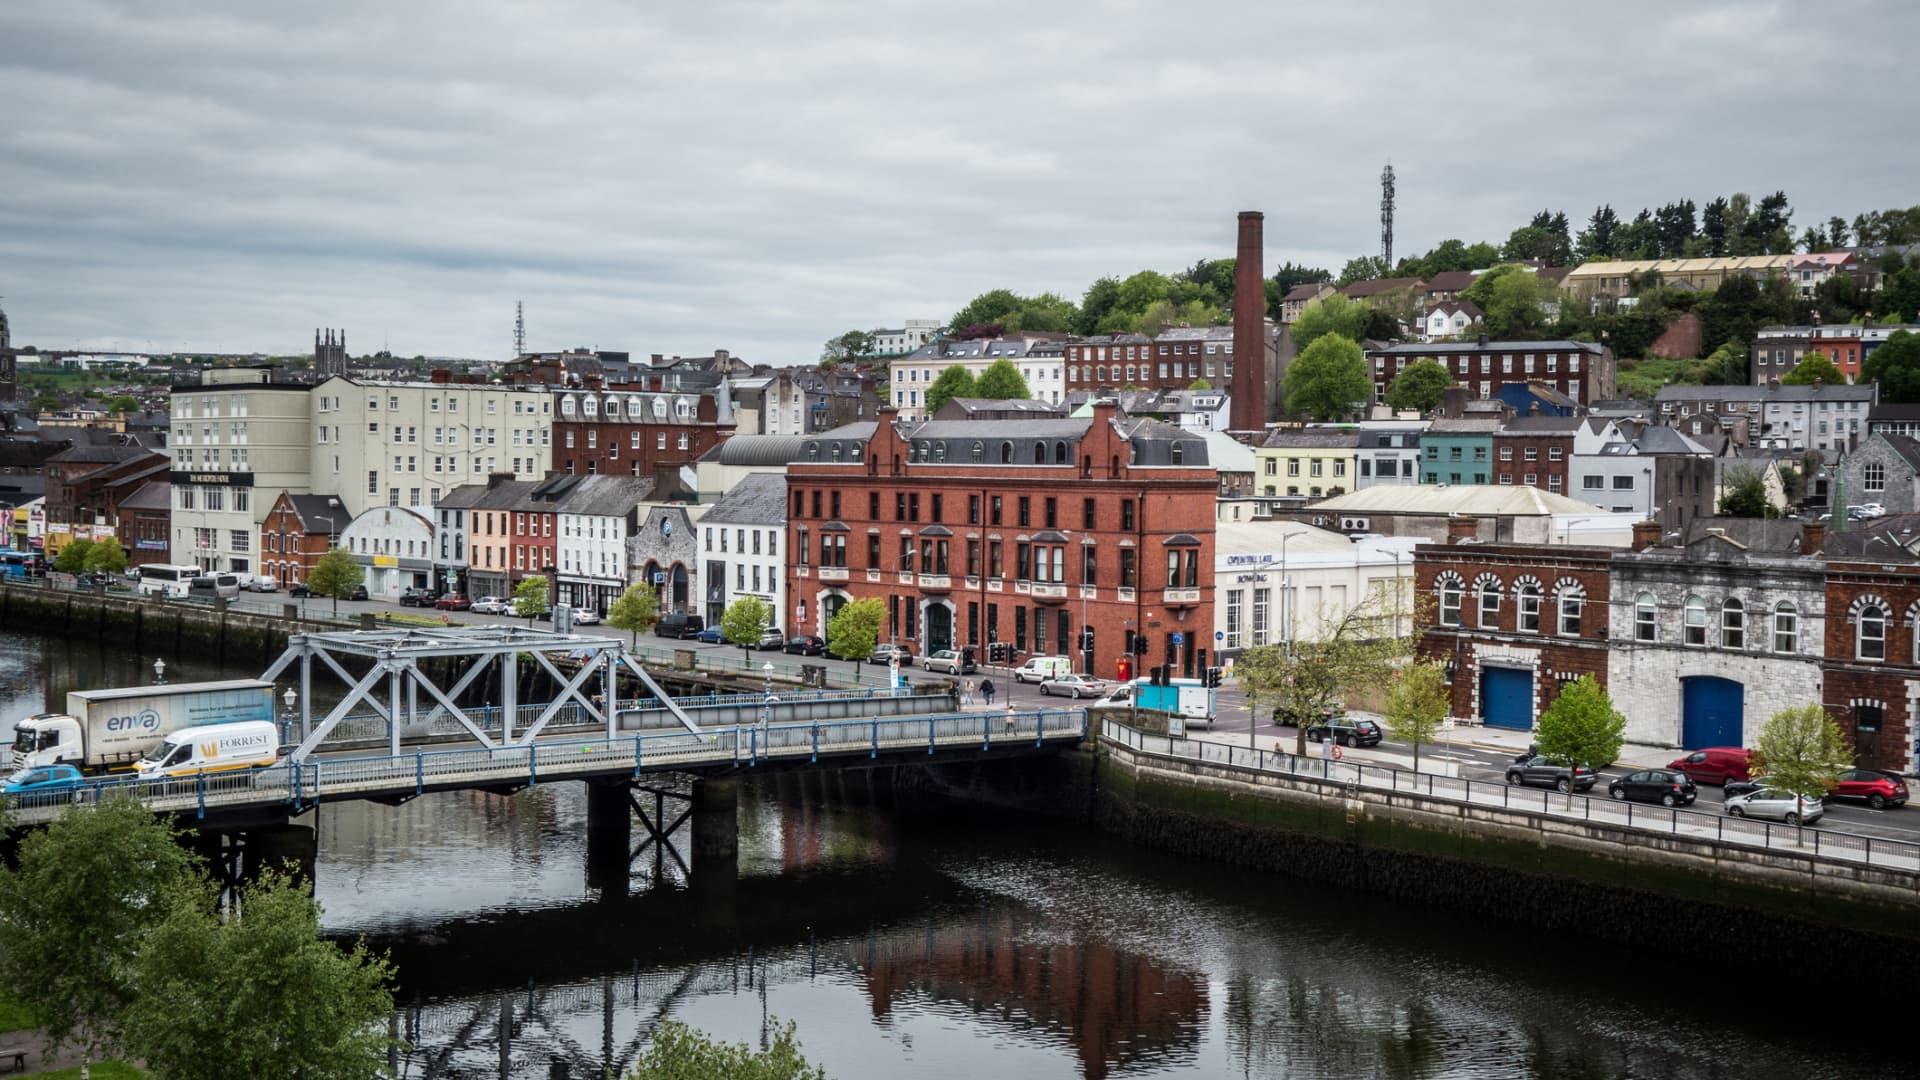 Photo Taken In Ireland, Cork